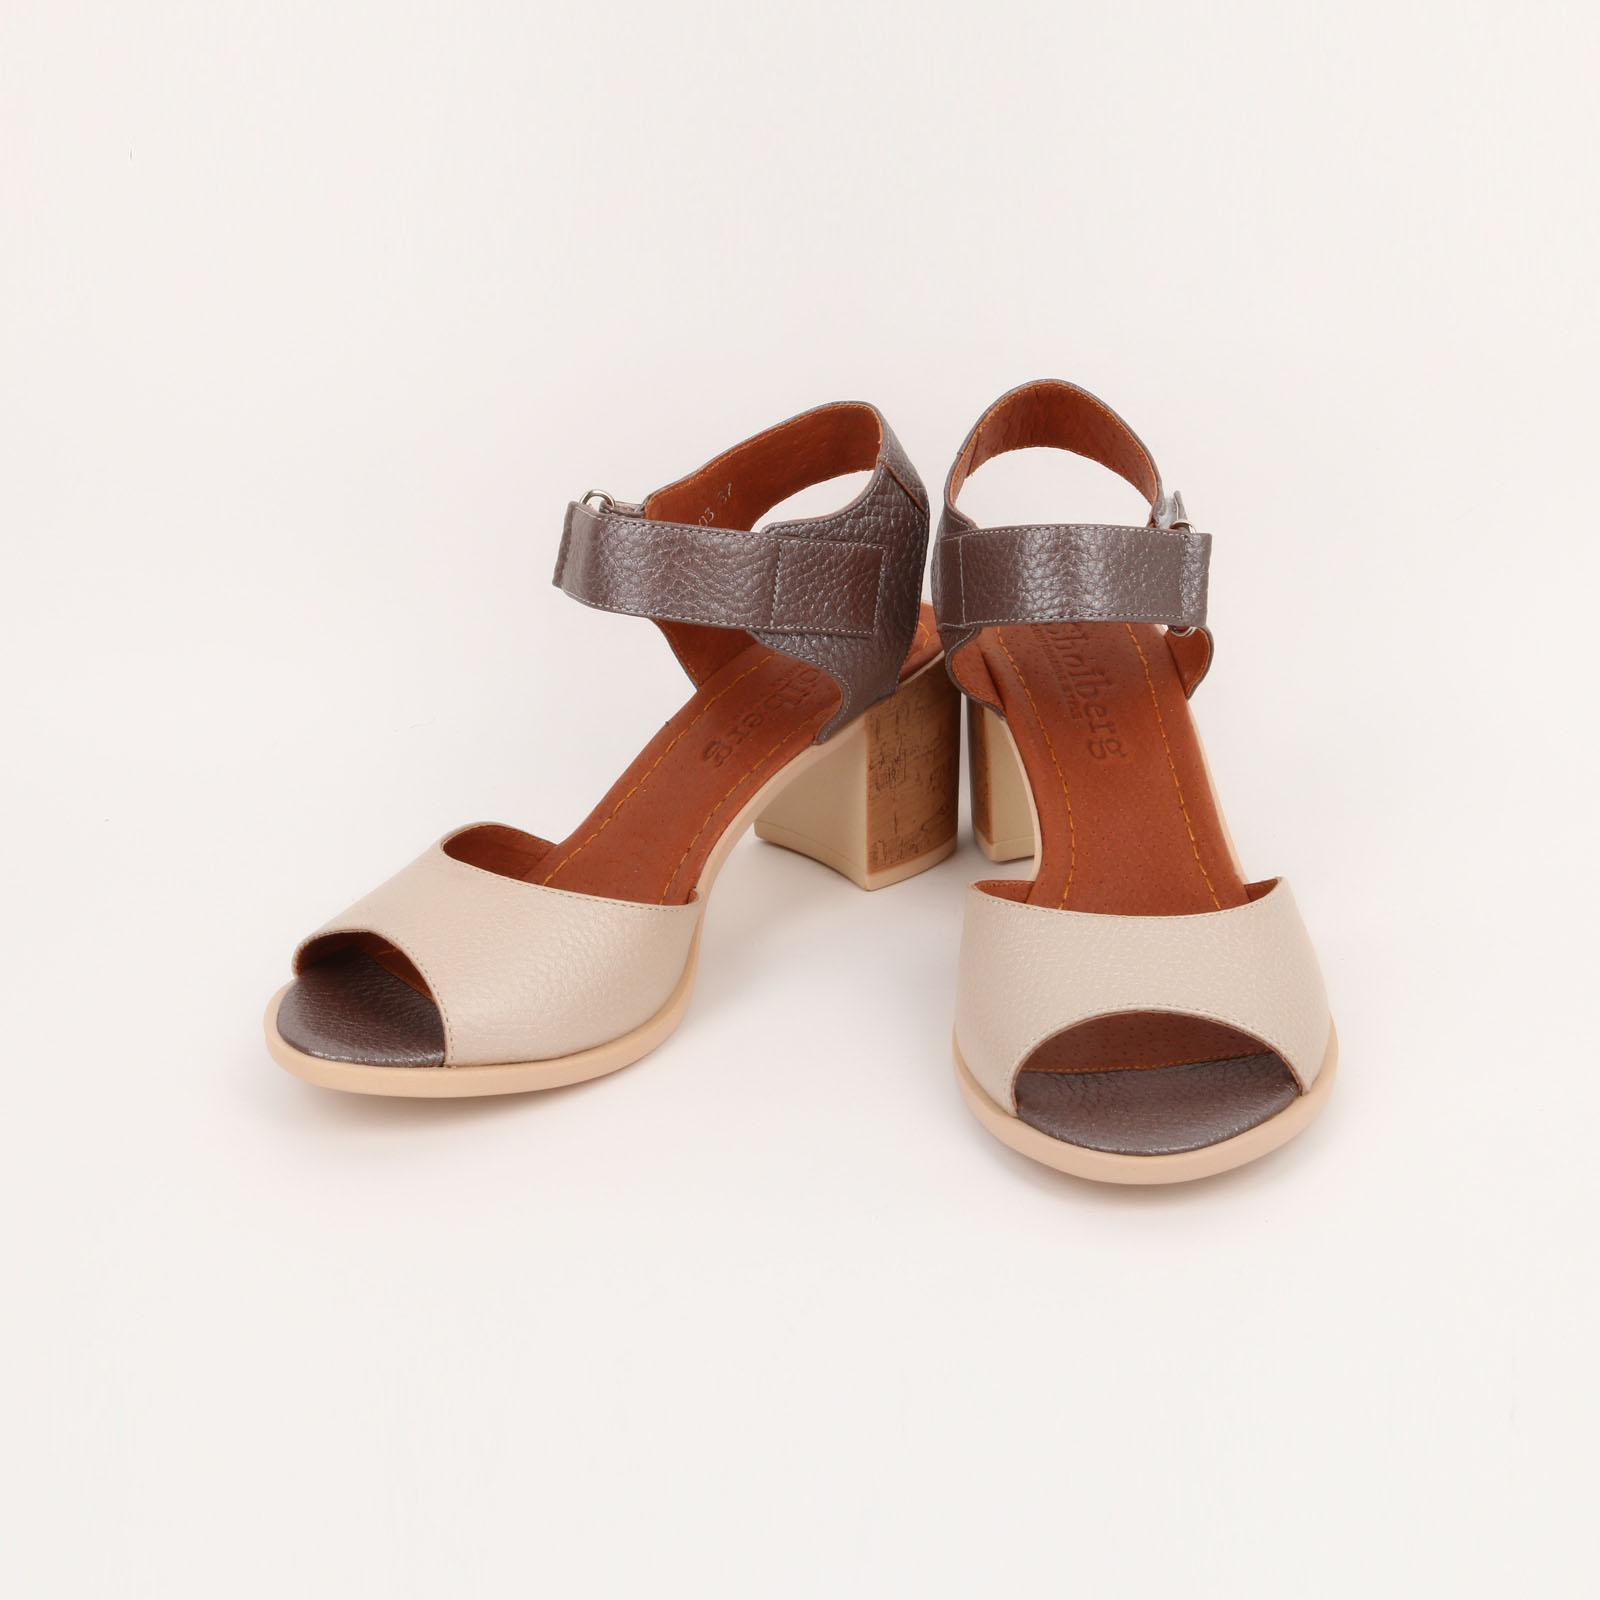 Босоножки женские с застежкой на ремешке обувь shoiberg